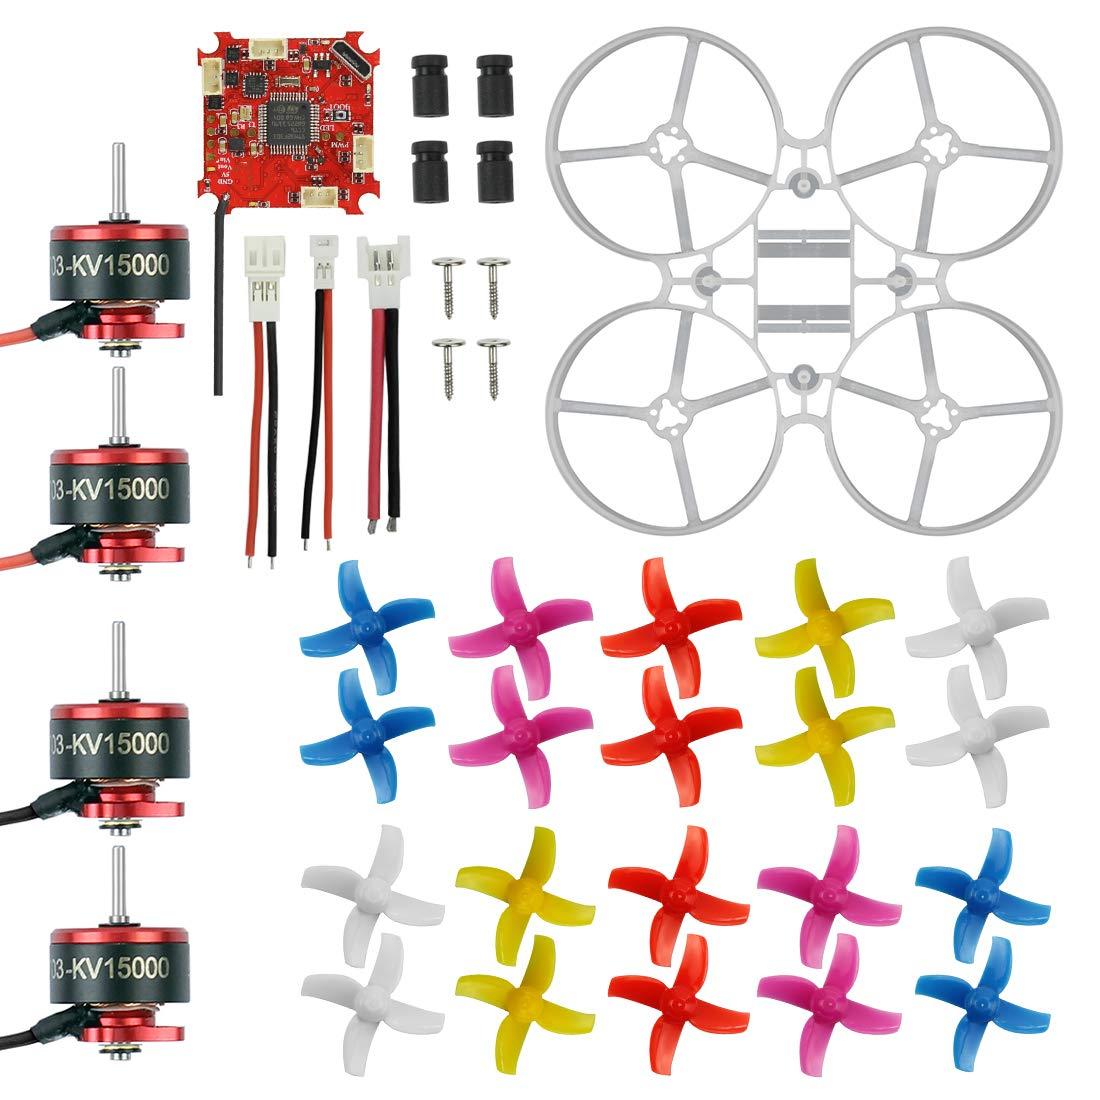 FEICHAO FEICHAO FEICHAO 75mm Innen Brushless Whoop Racer-Drohne Kombi-Set Mini-Rahmen-Kit Crazybee ESC SE0703 Motor 4-Blatt-Propeller (Kit Set with 1500KV Motor) 4ea4e3